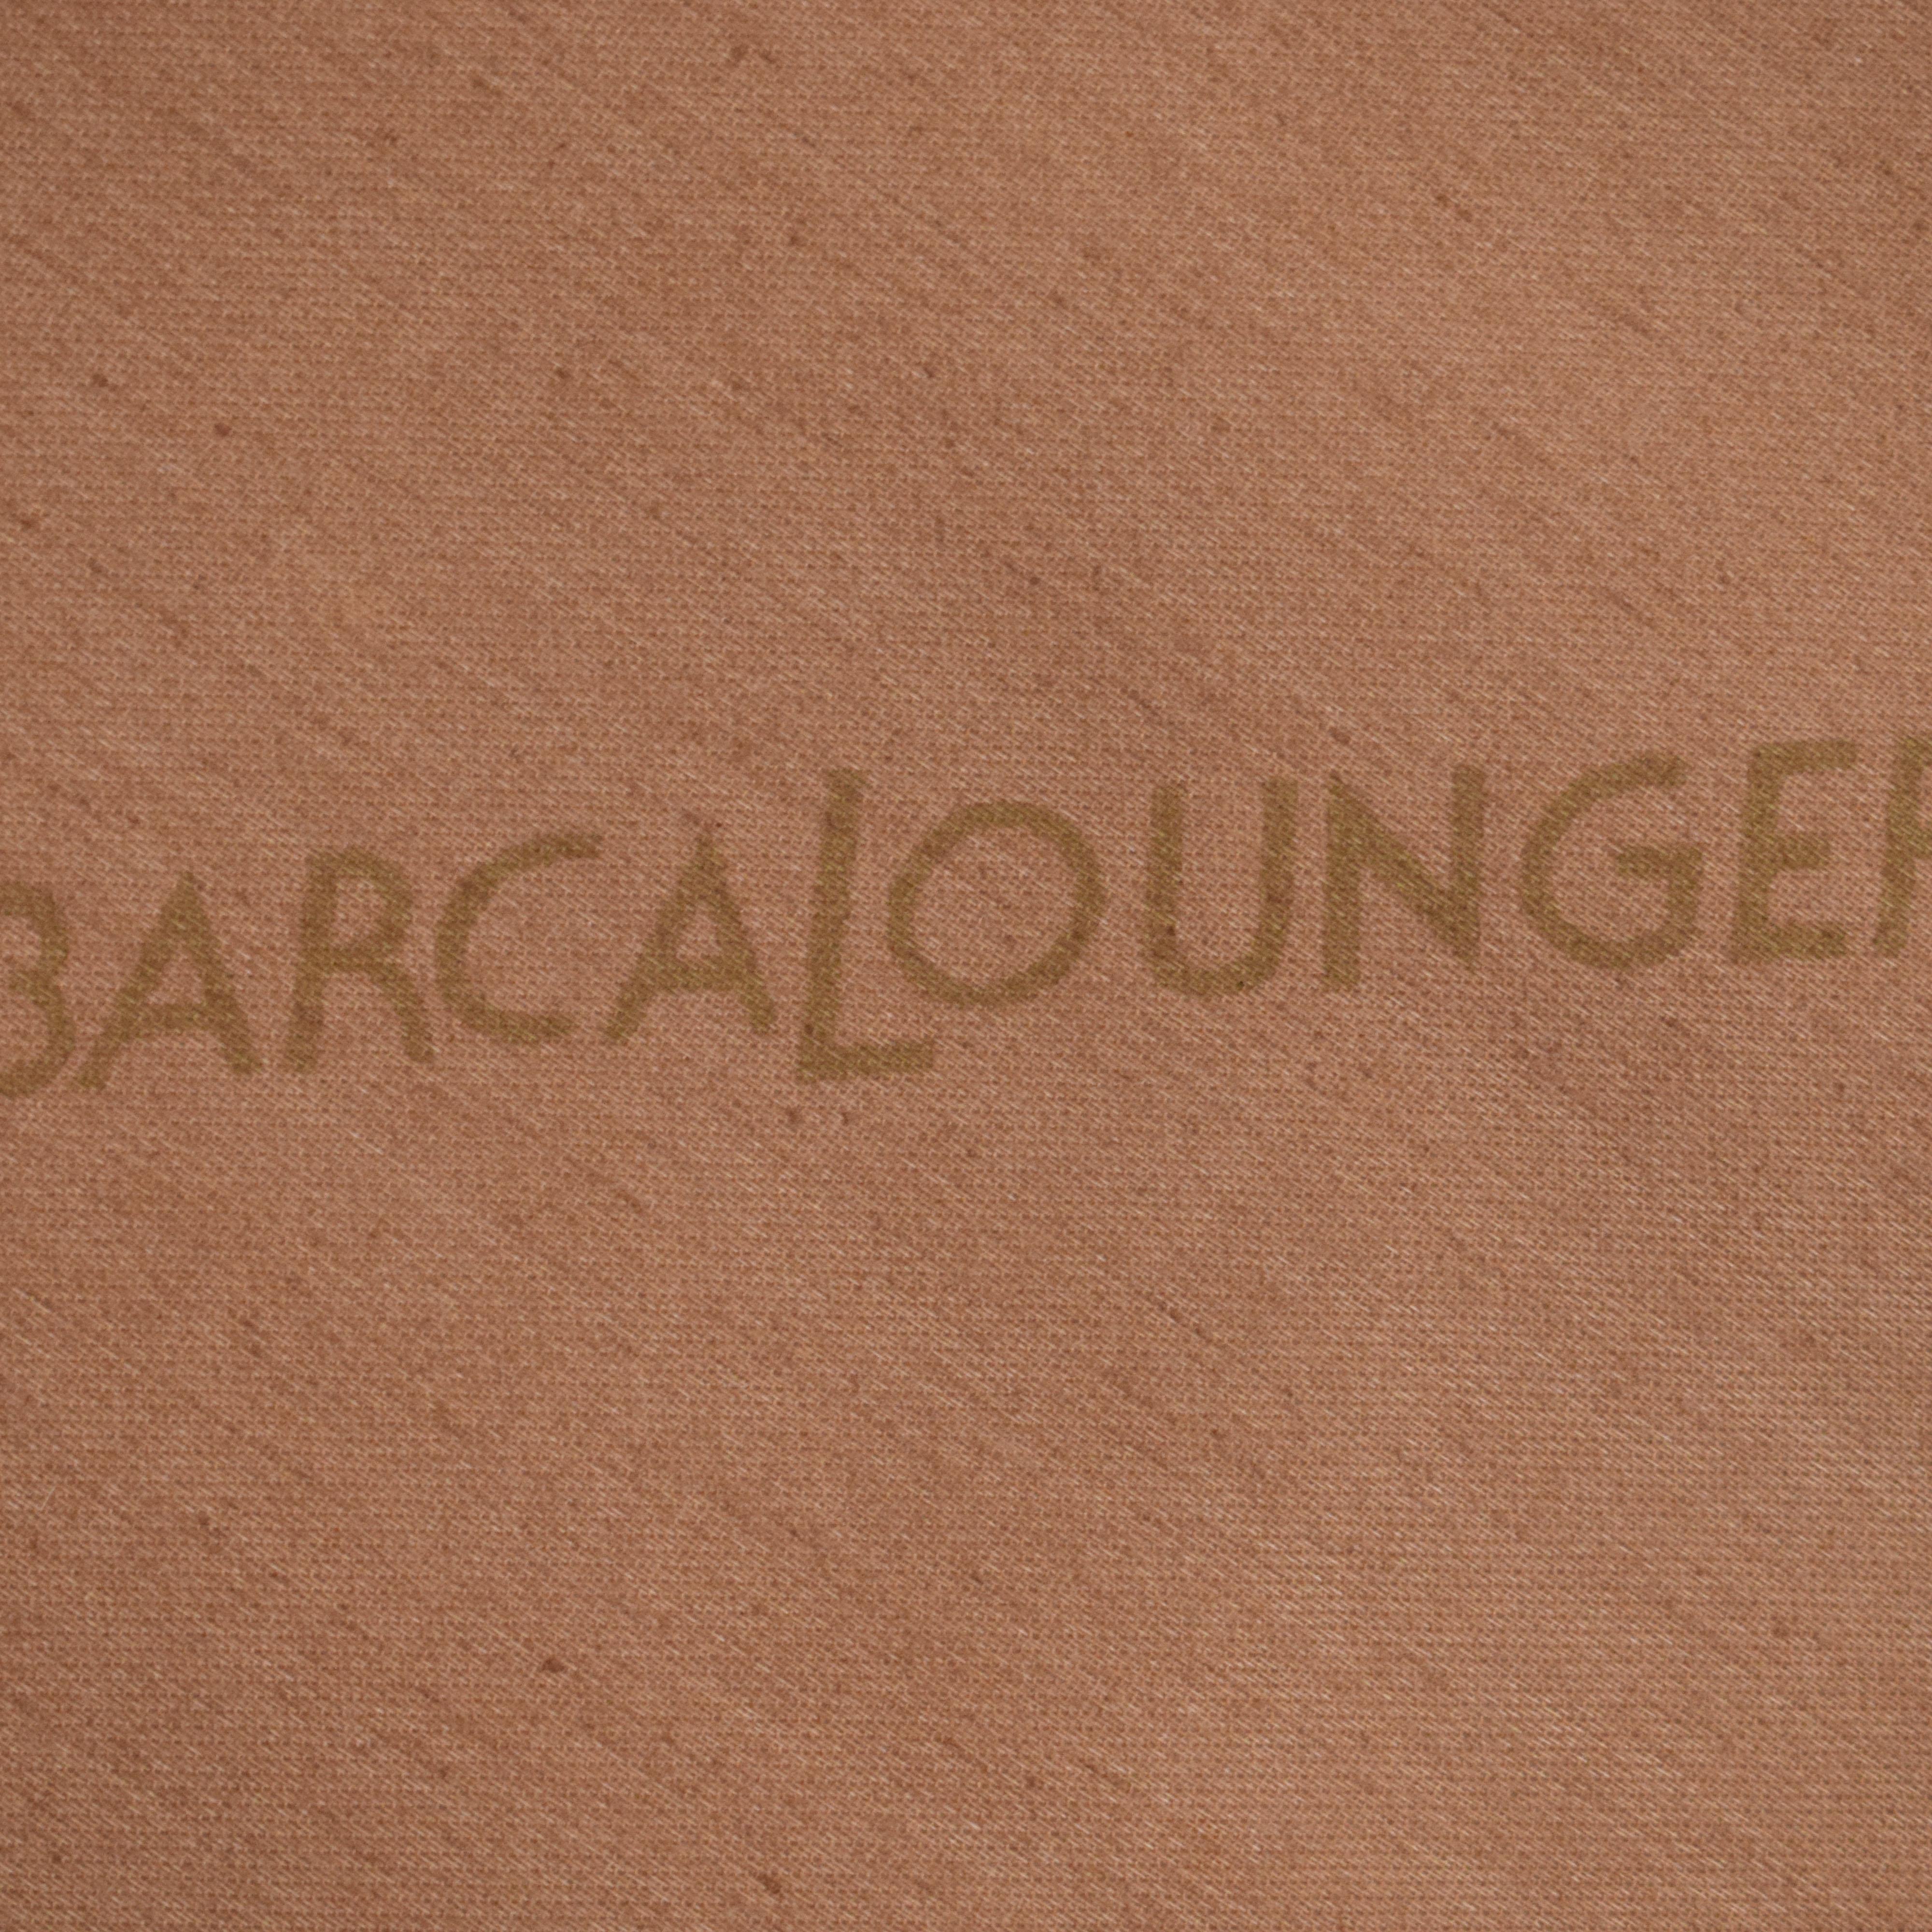 shop Barcalounger Recliner Barcalounger